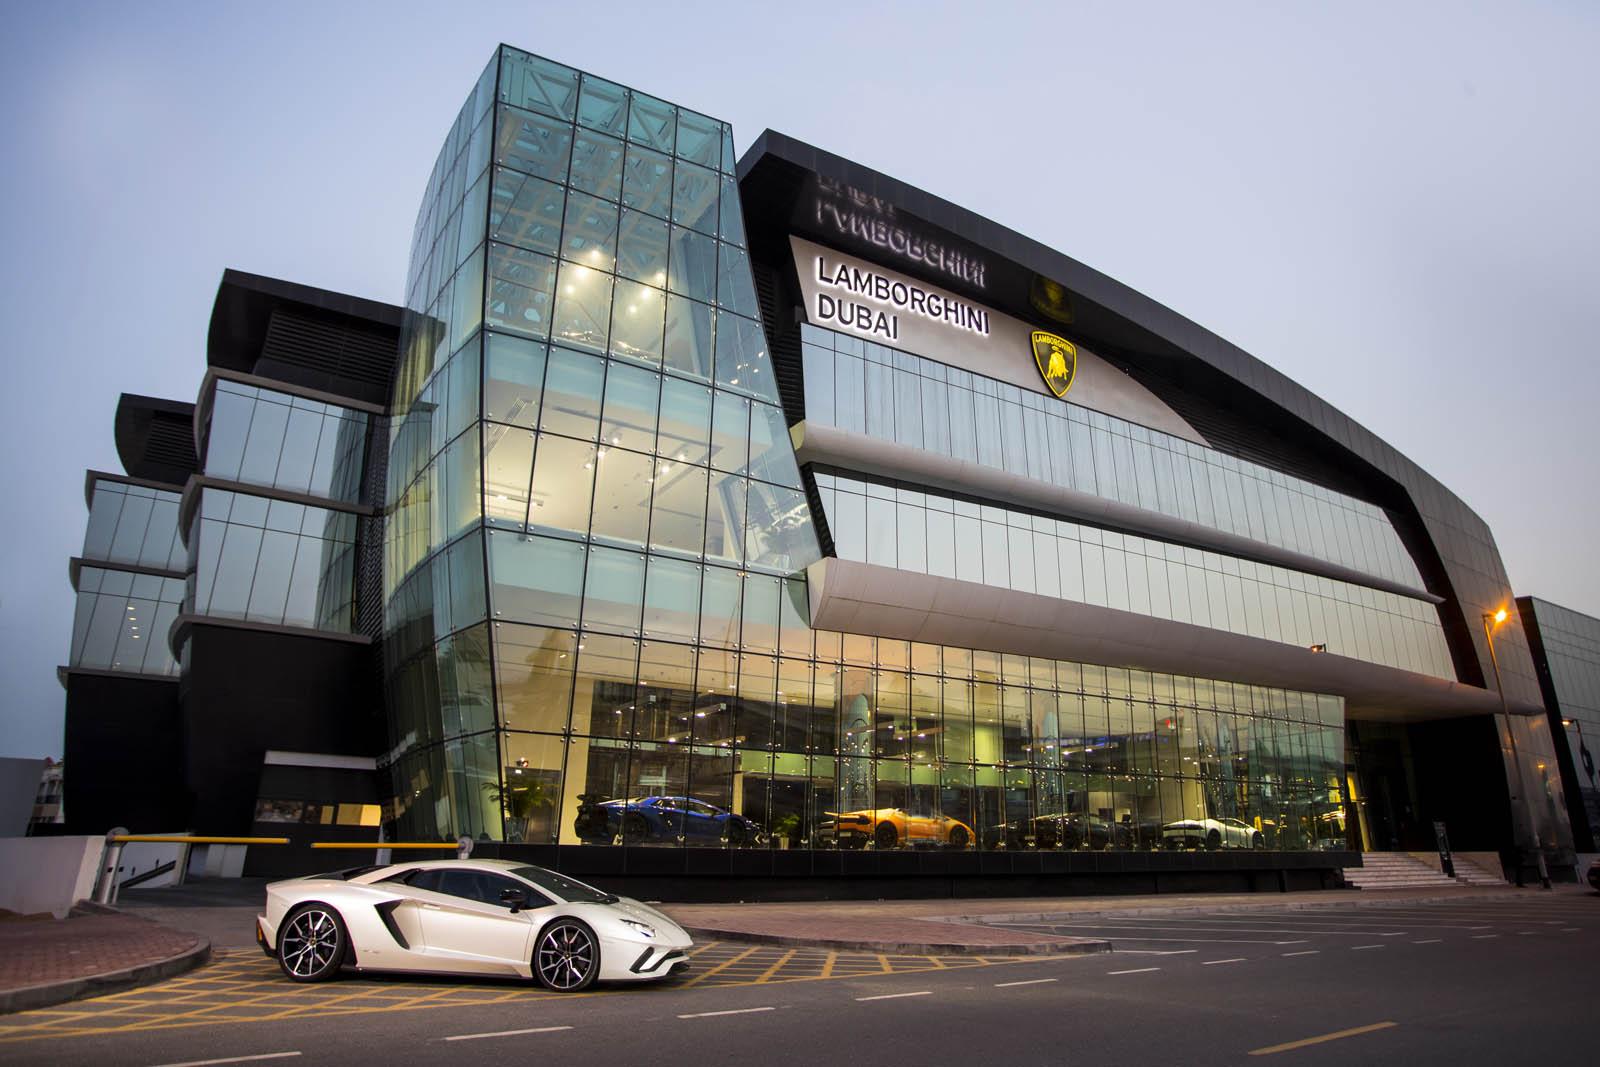 Lamborghini-Dubai-1.jpg